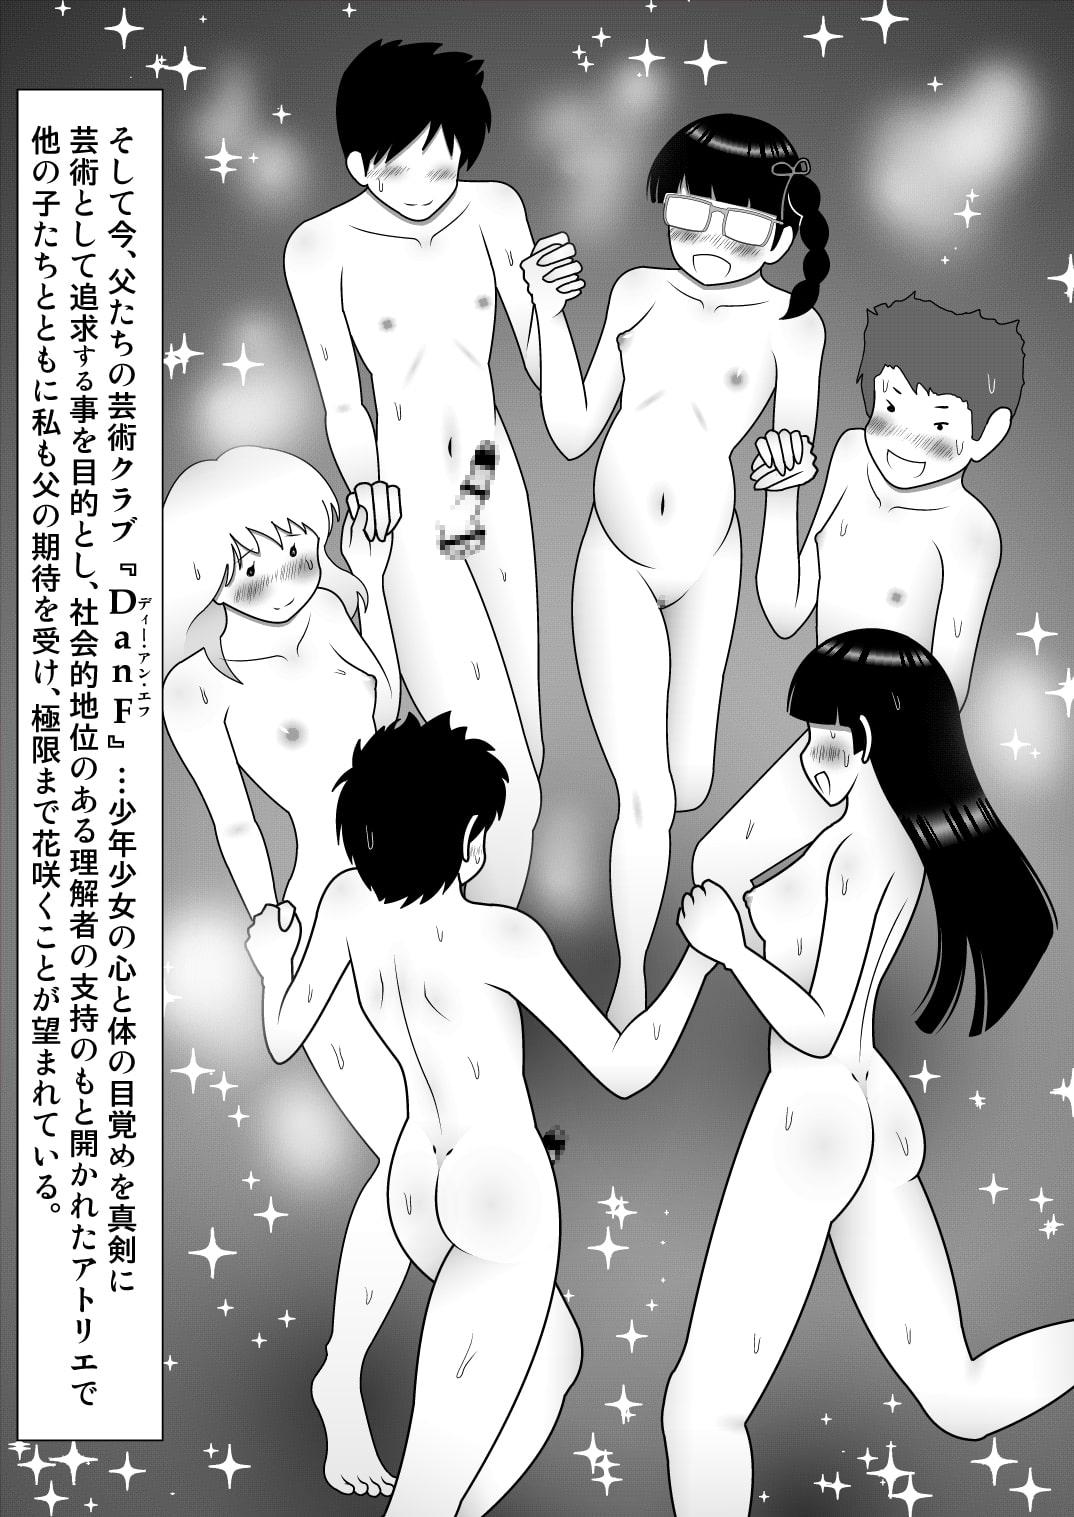 DanF-父娘の公開全裸ダンス-